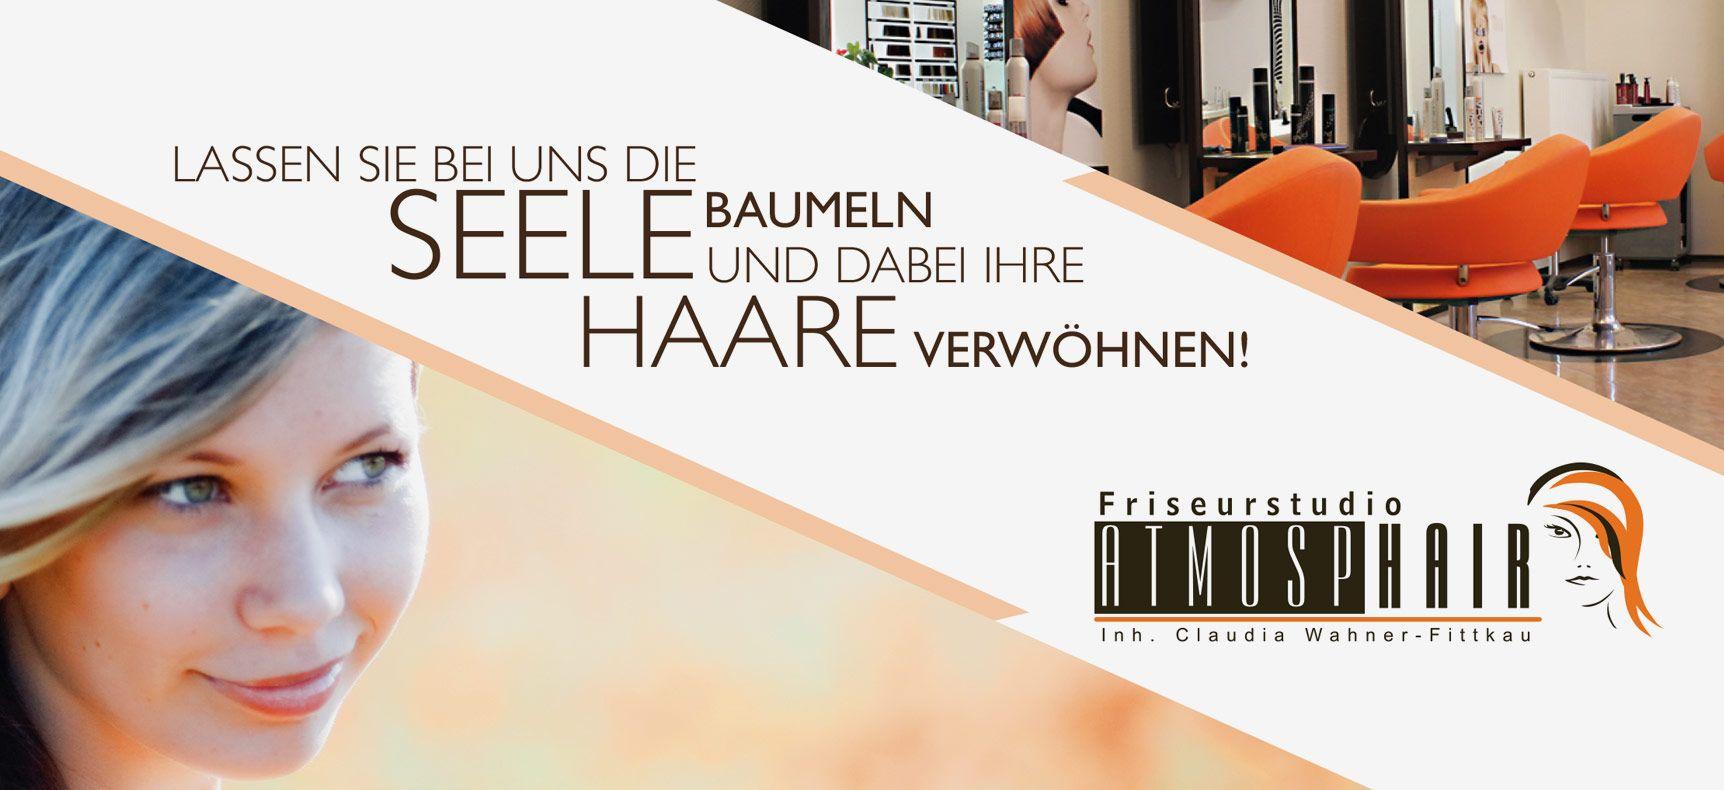 Friseurstudio AtmospHair | Corporate Design entwickelt von StatusZwo.com